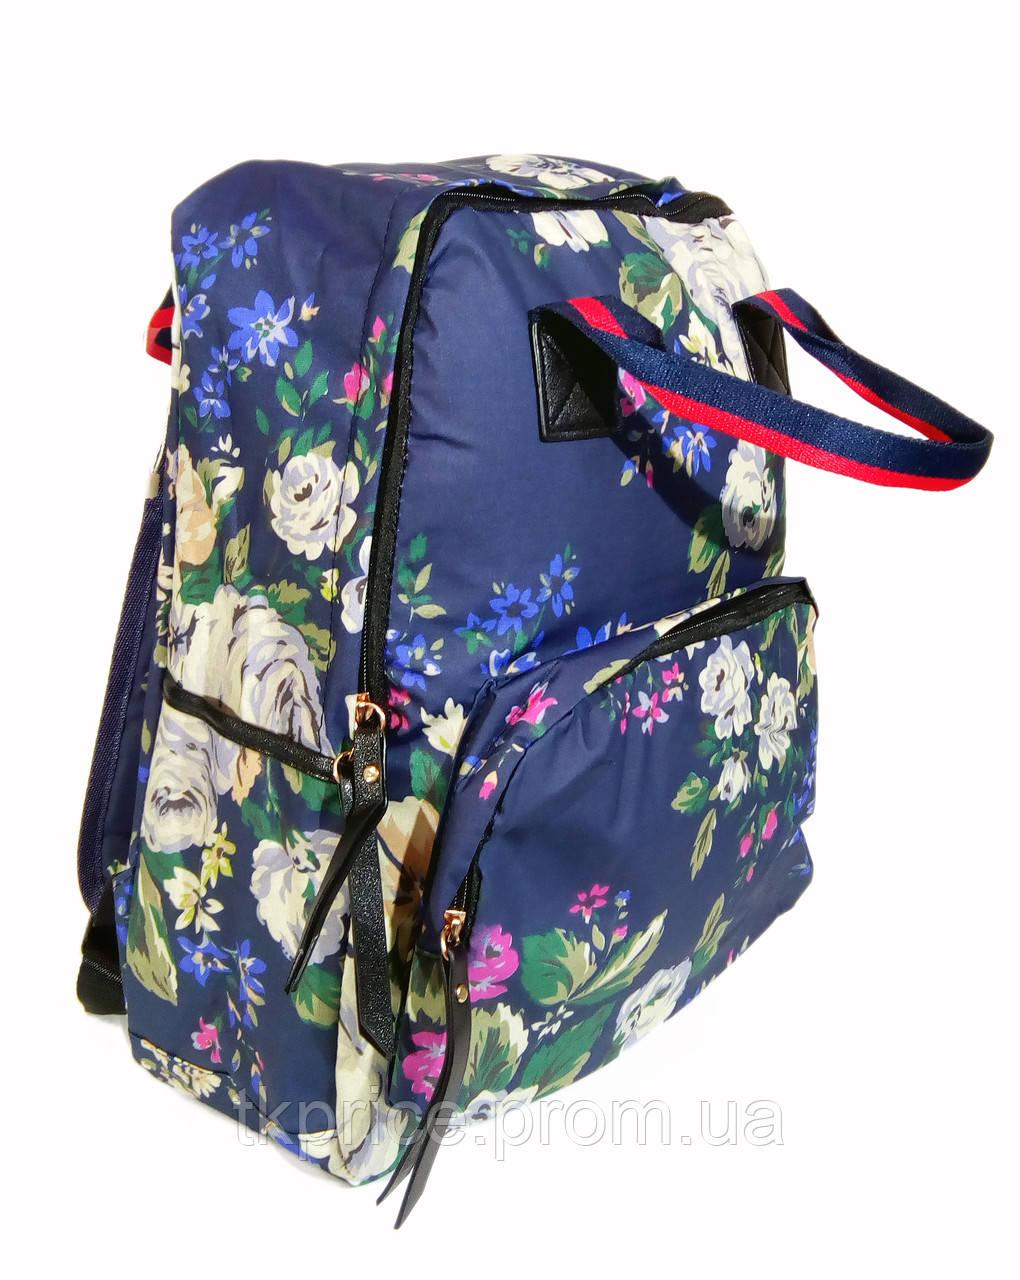 70d25d295b9d Сумка - рюкзак для школы и прогулок с цветочным принтом синий - Интернет- магазин